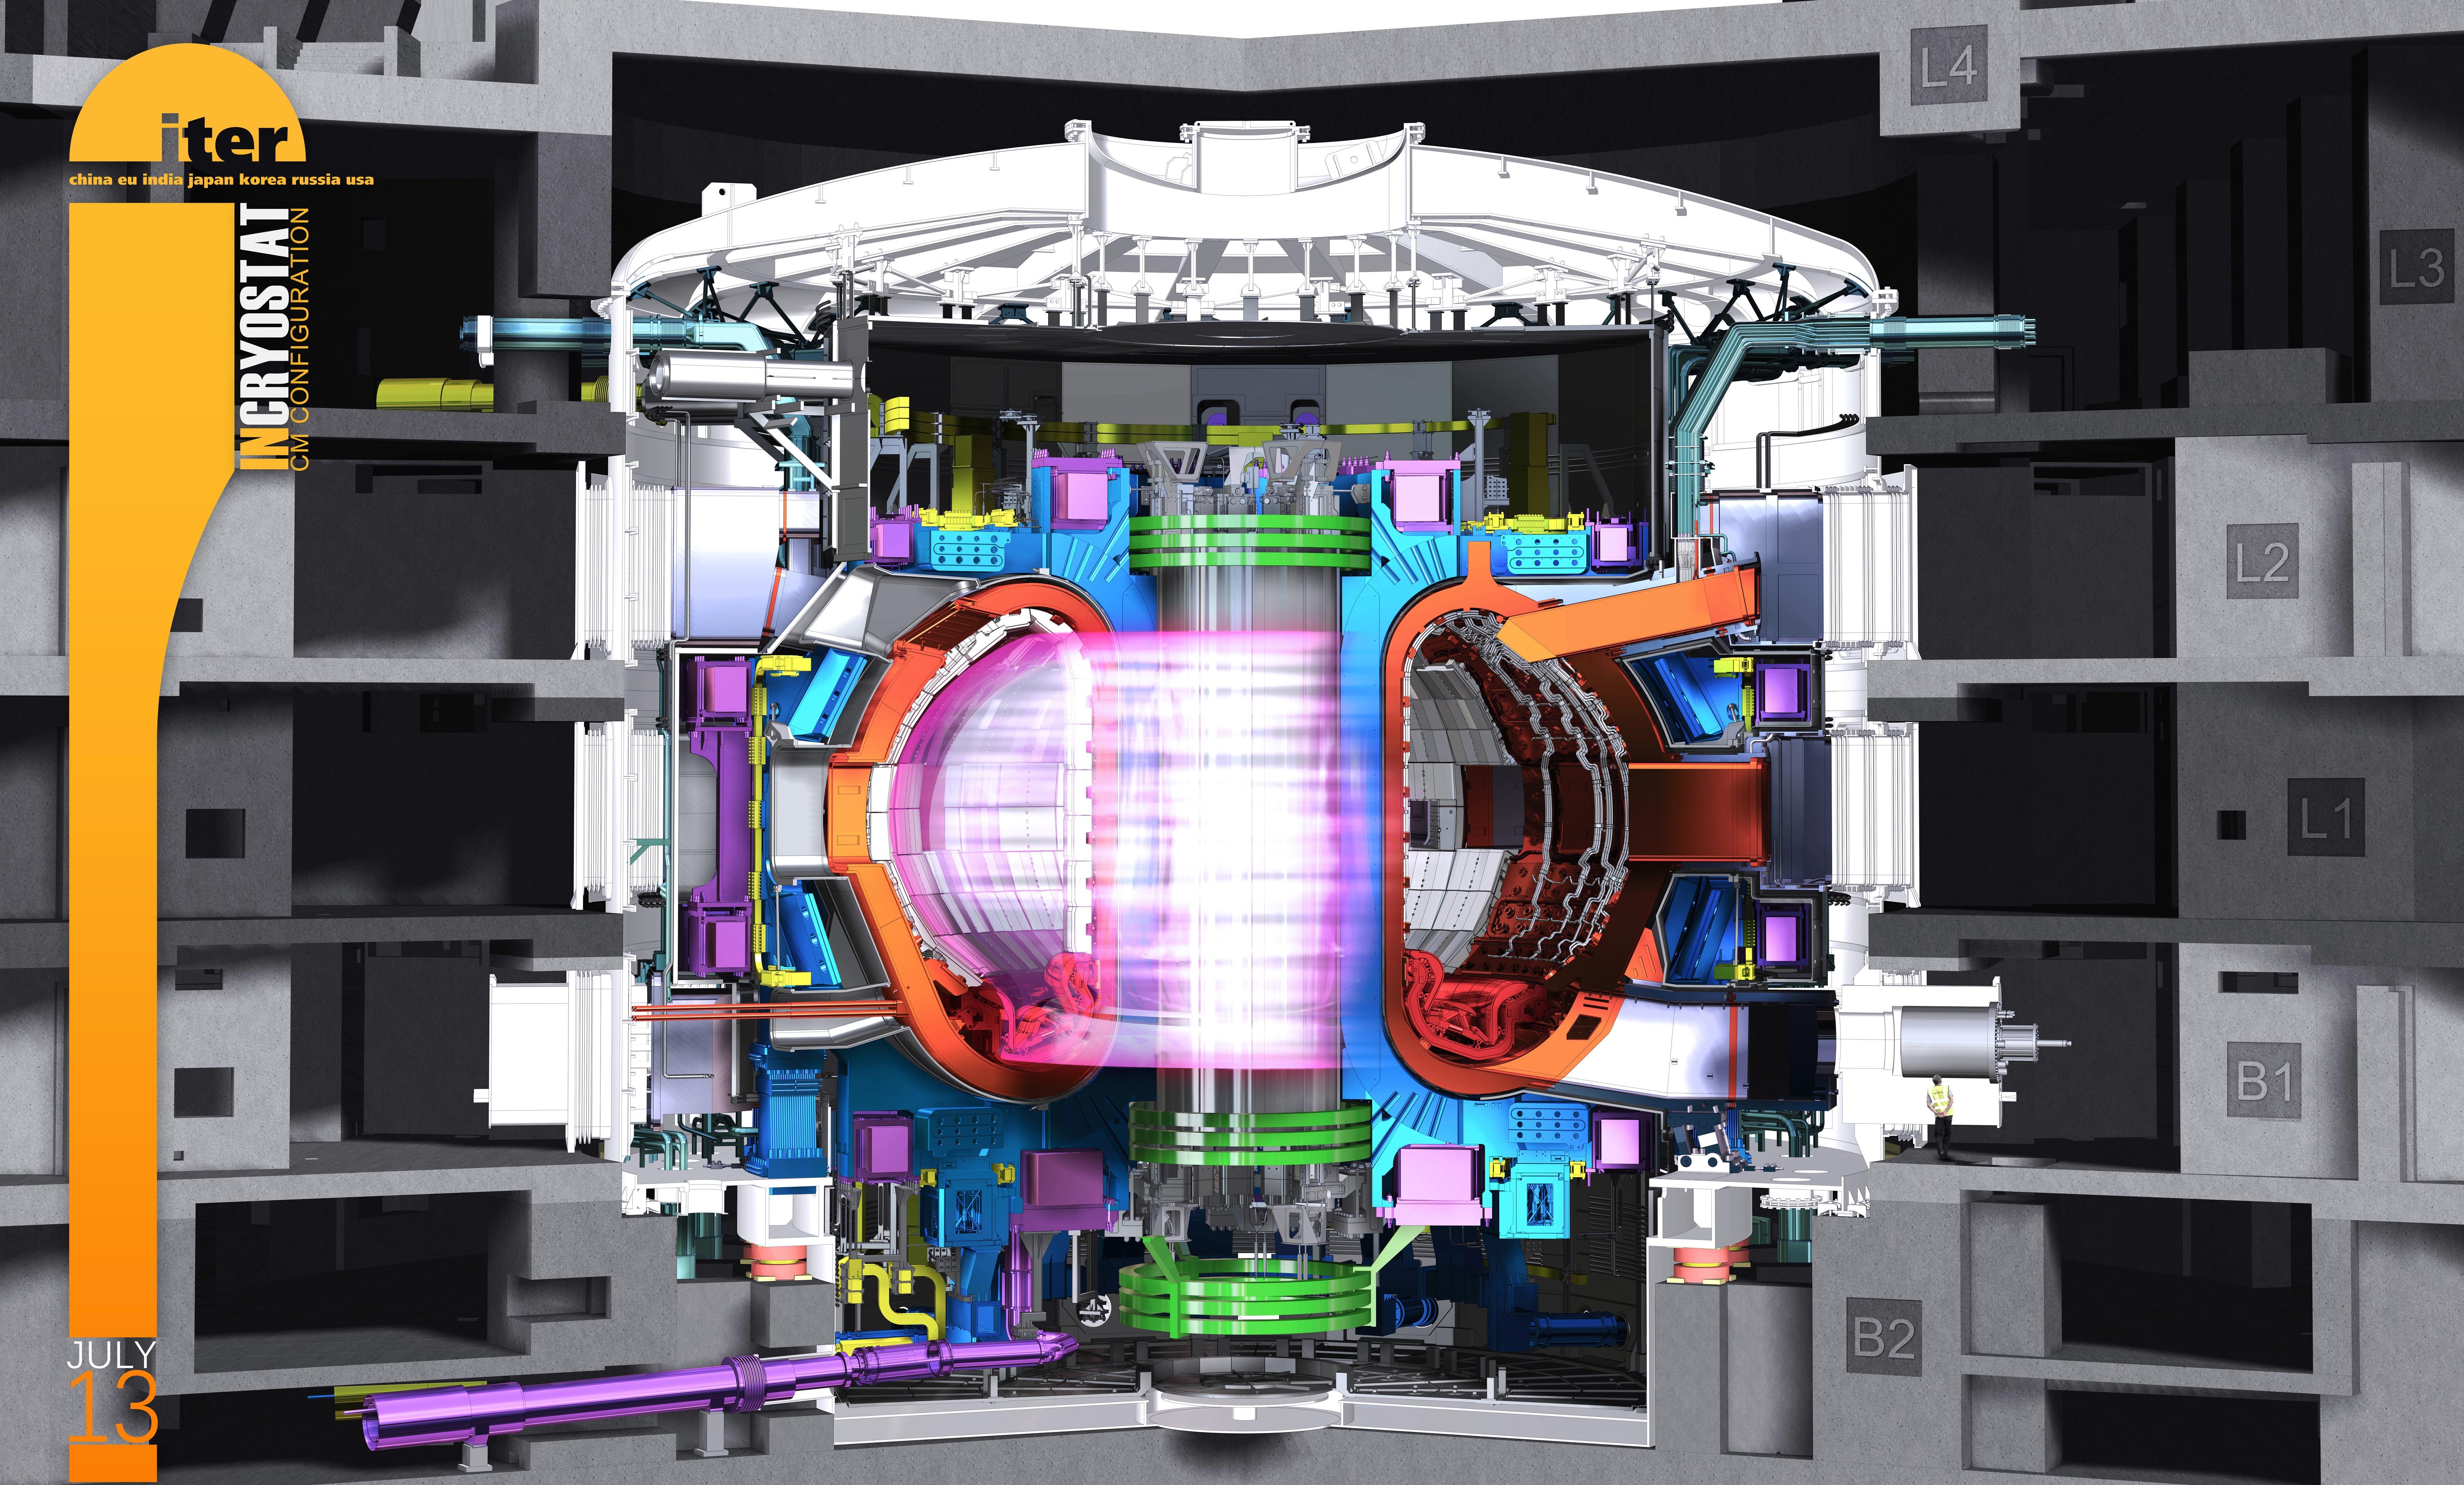 Fusjonsreaktoren ITER, International Thermonuclear Experimental Reactor, er et samarbeid mellom EU, USA, Sør-Korea, Japan, India, Russland og Kina. Grafikk: ITER Organization